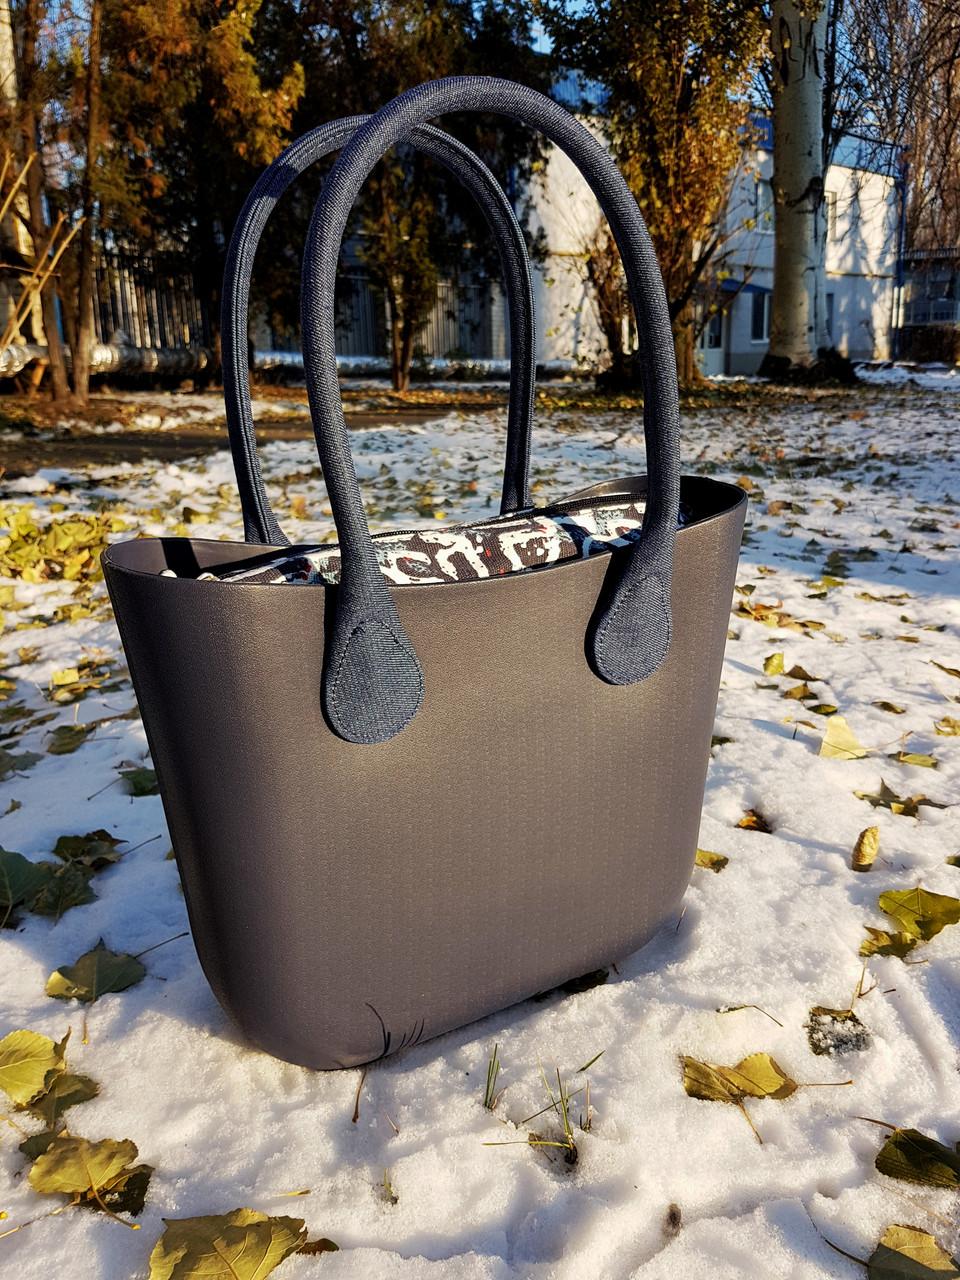 186a717105a1 Сумка IQ bag Mini синий, цена 990 грн., купить в Днепре — Prom.ua ...